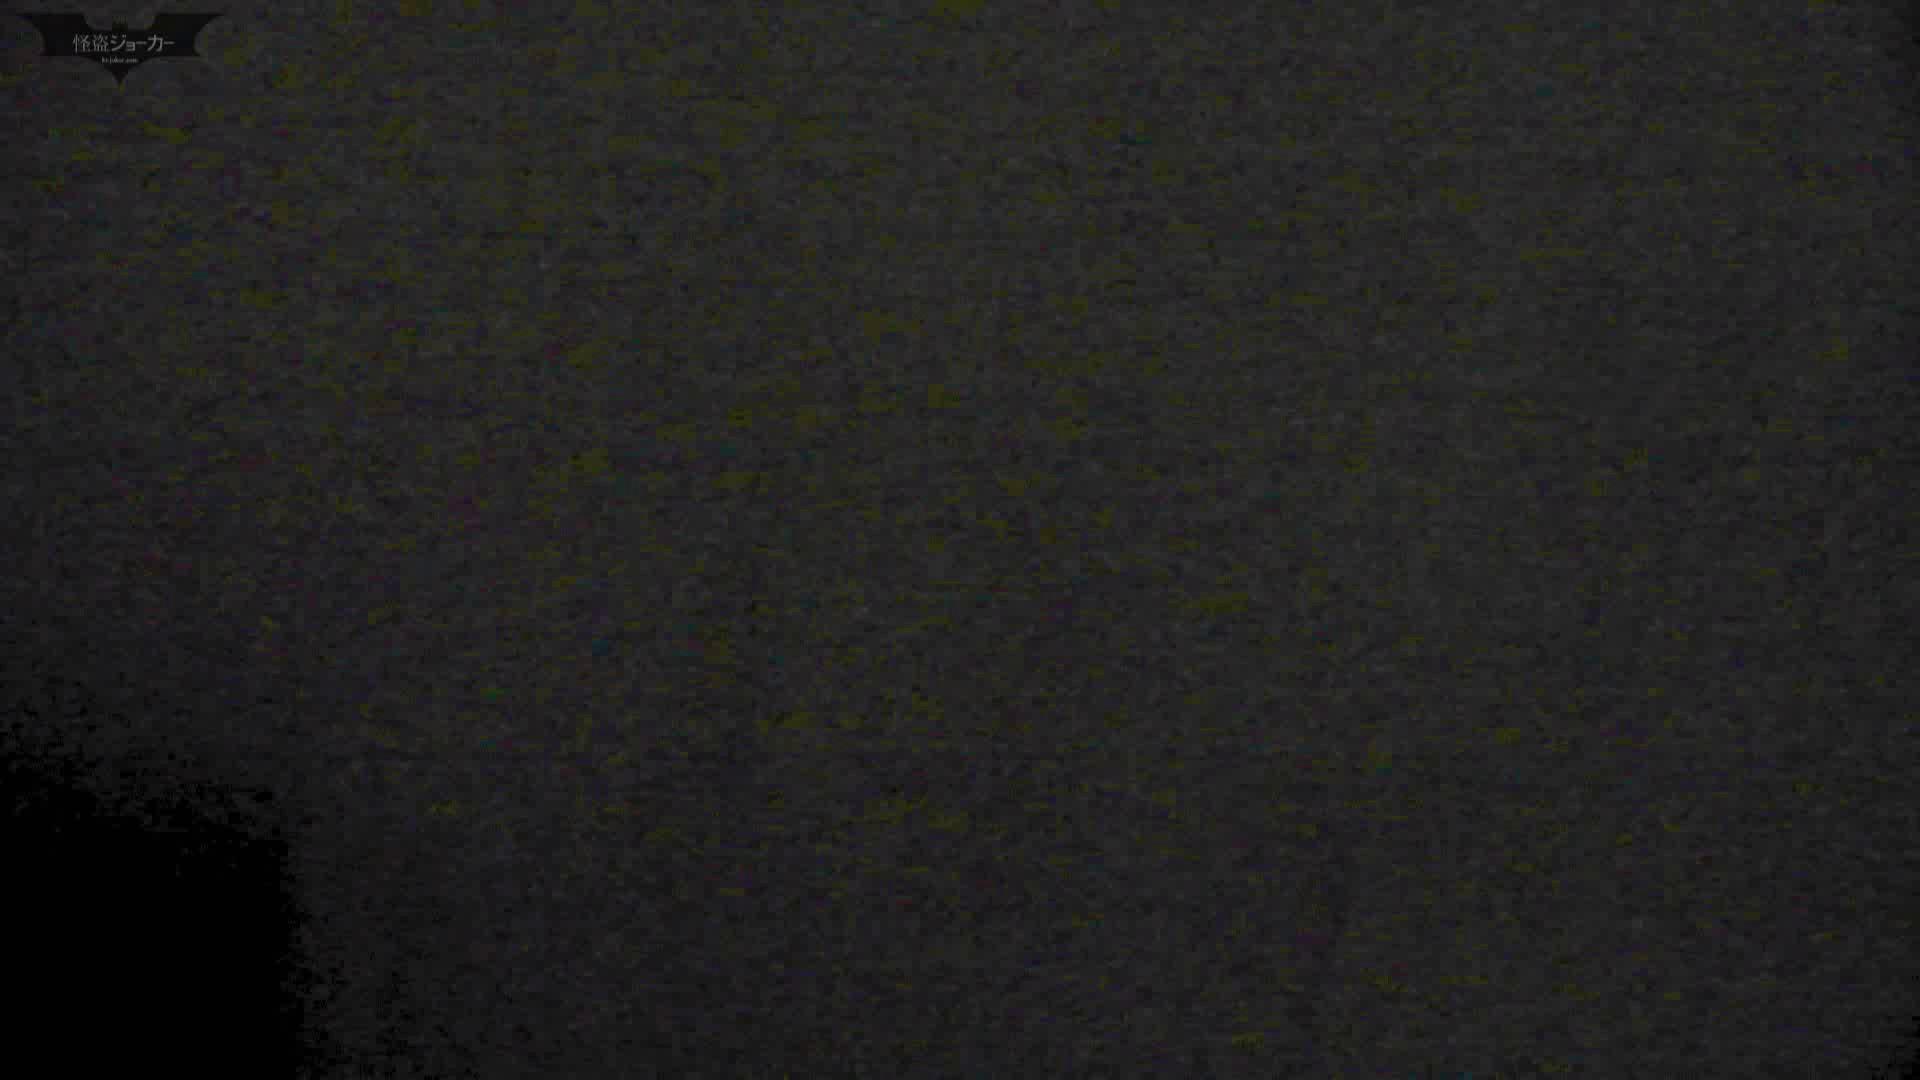 下からノゾム vol.018 スタイルいい子に、ついついて入っちゃった。 OL  95pic 31